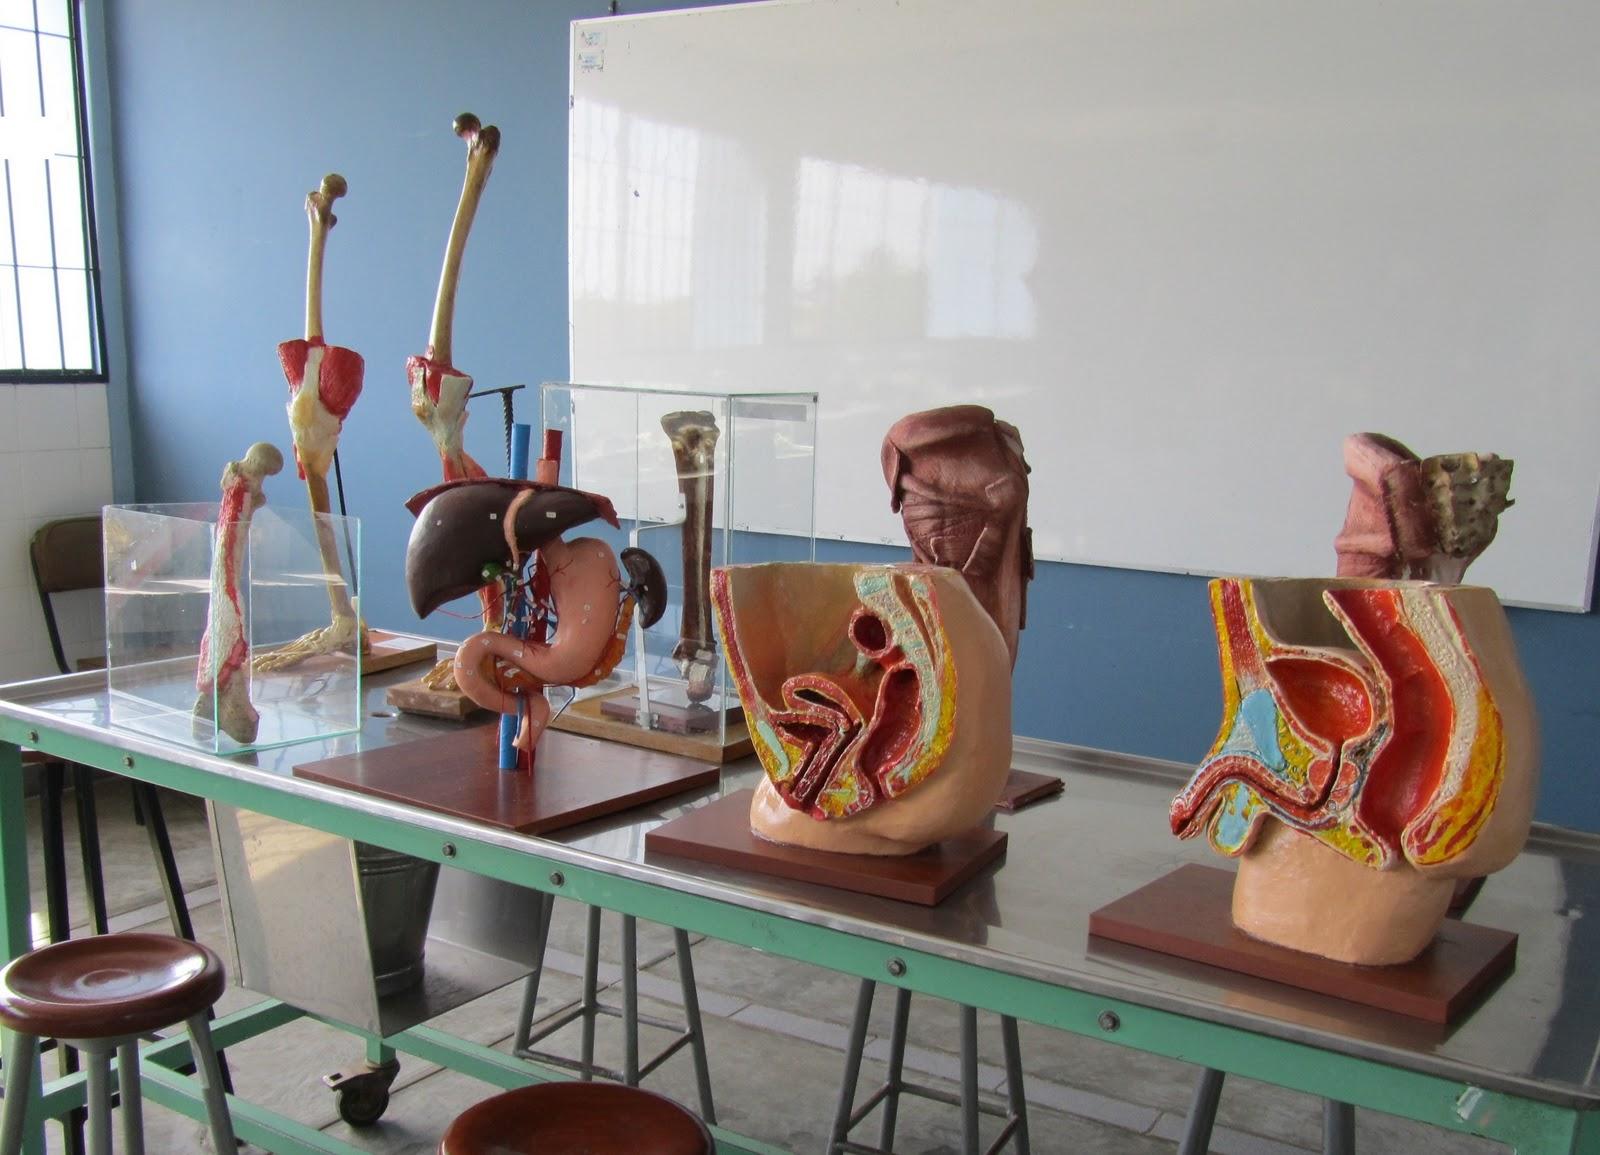 imagenes de practicas de laboratorio: